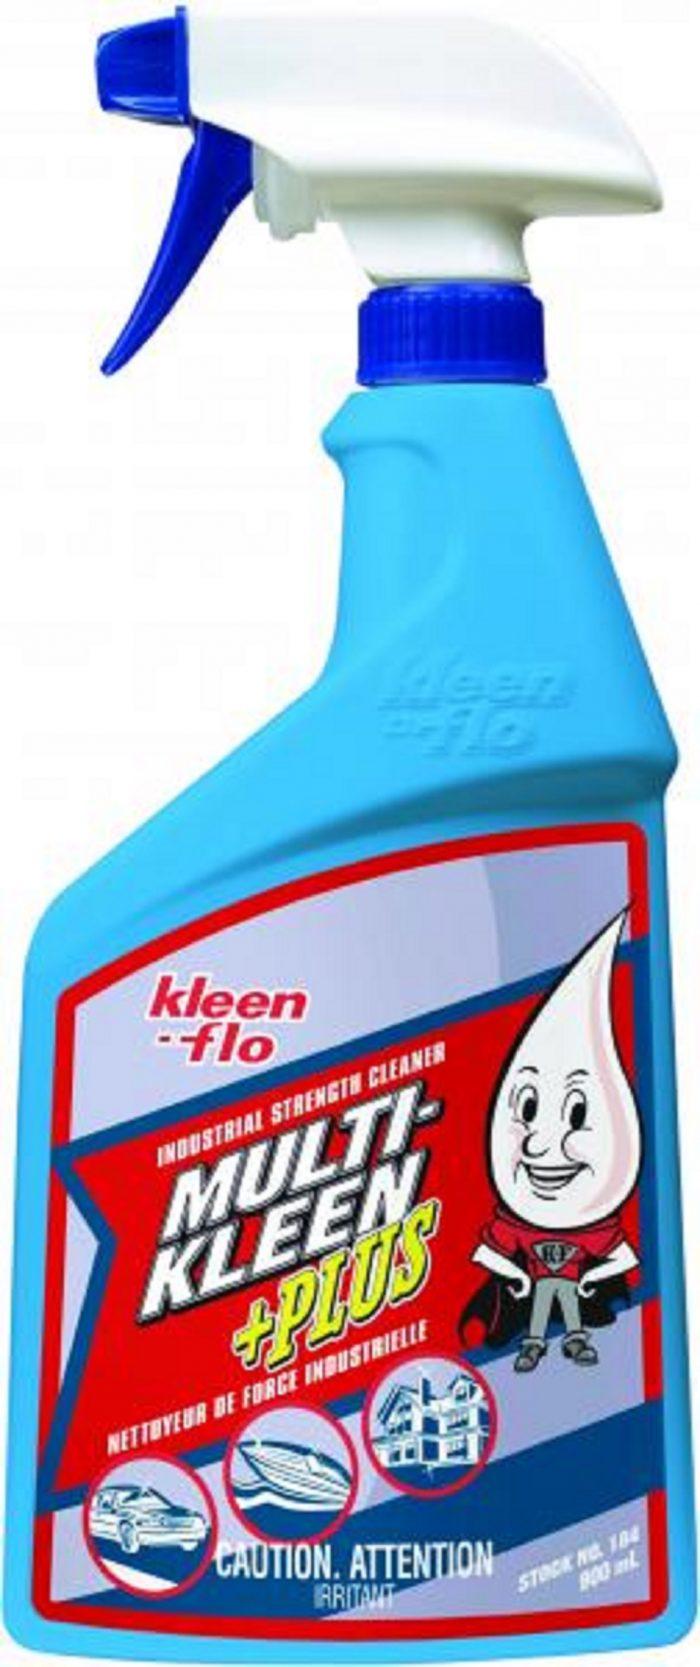 Profesjonalny środek czyszczący KleenFlo pojemność 4 litry nr.kat.186